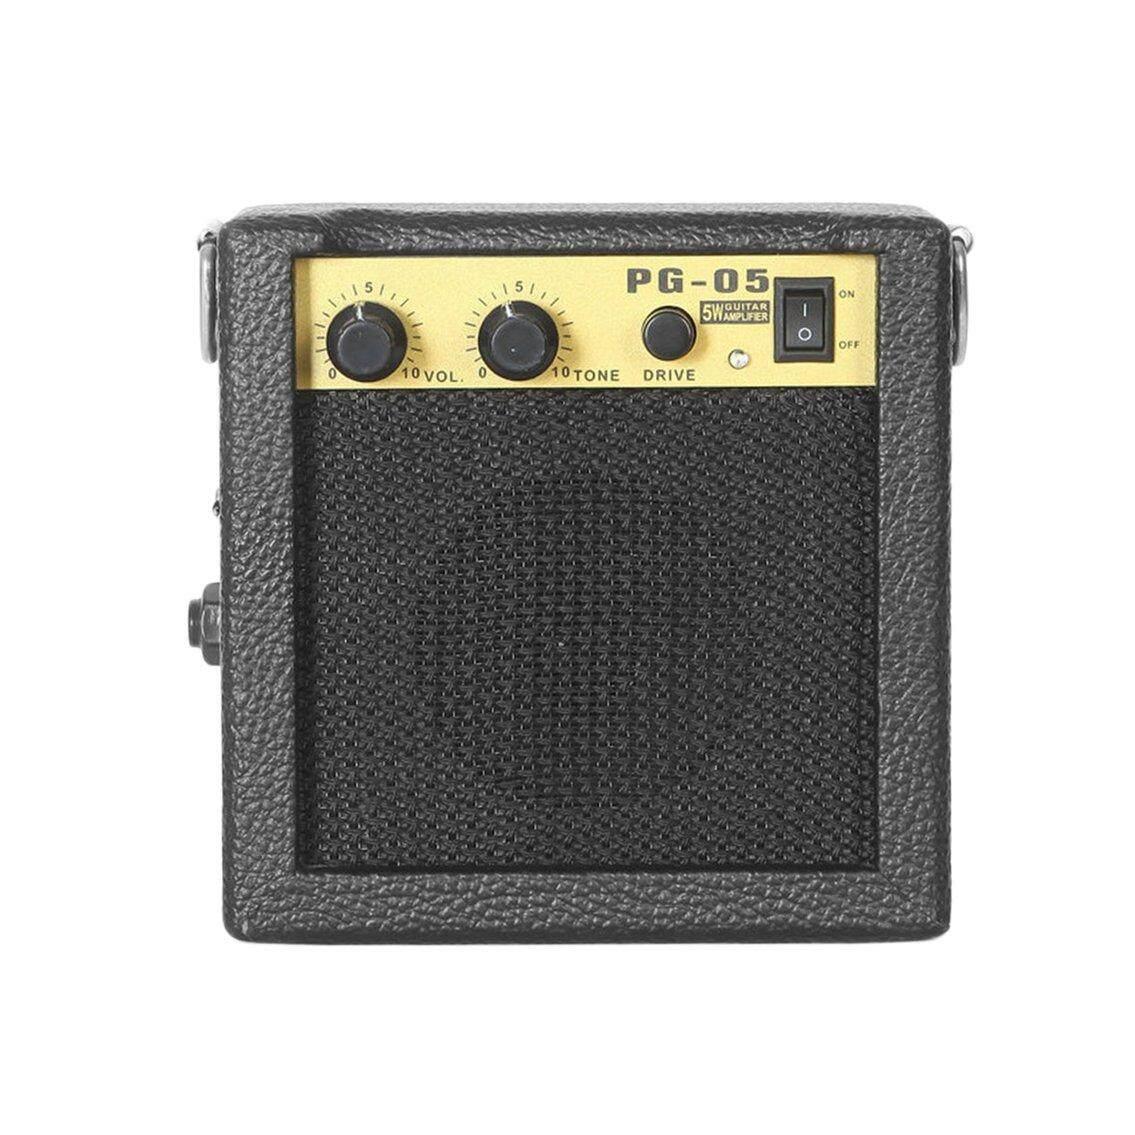 DOIT E-WAVE PG-05 5W Di Động Đàn Guitar Ampli Guitar Amp Với 3 Inch Loa